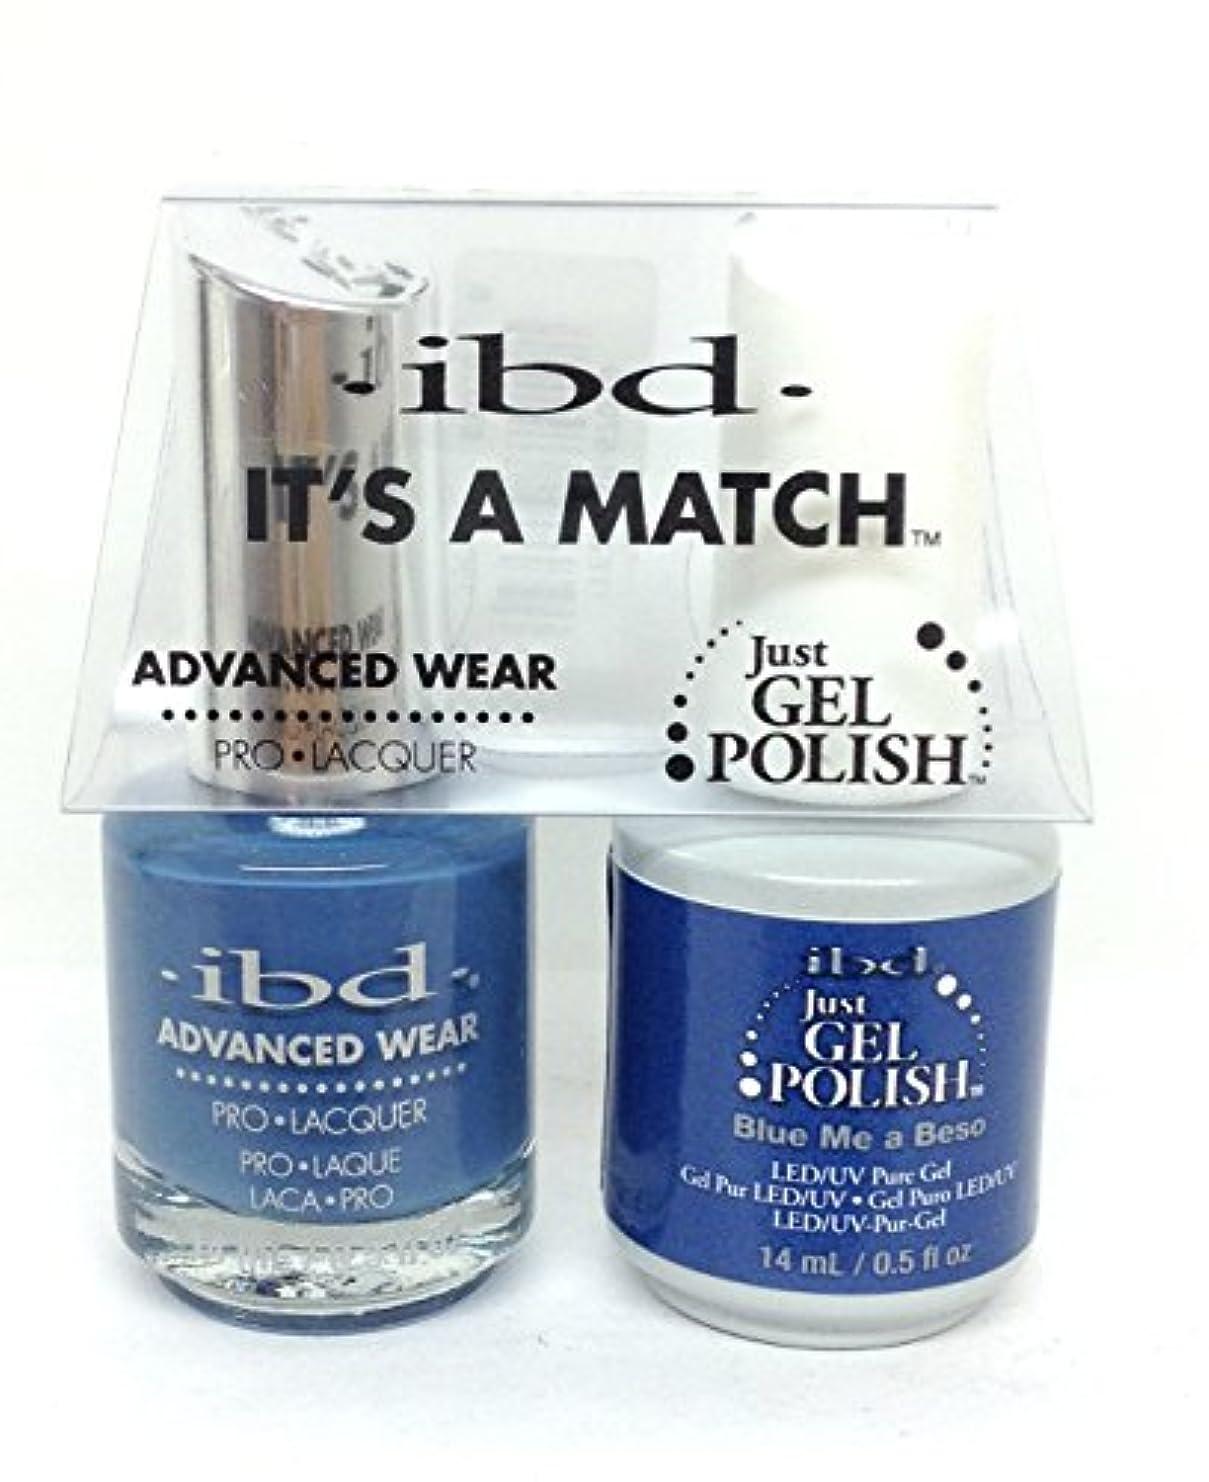 コーチ賢いメッセンジャーibd - It's A Match -Duo Pack- Love Lola Collection - Blue Me a Beso - 14 mL / 0.5 oz Each